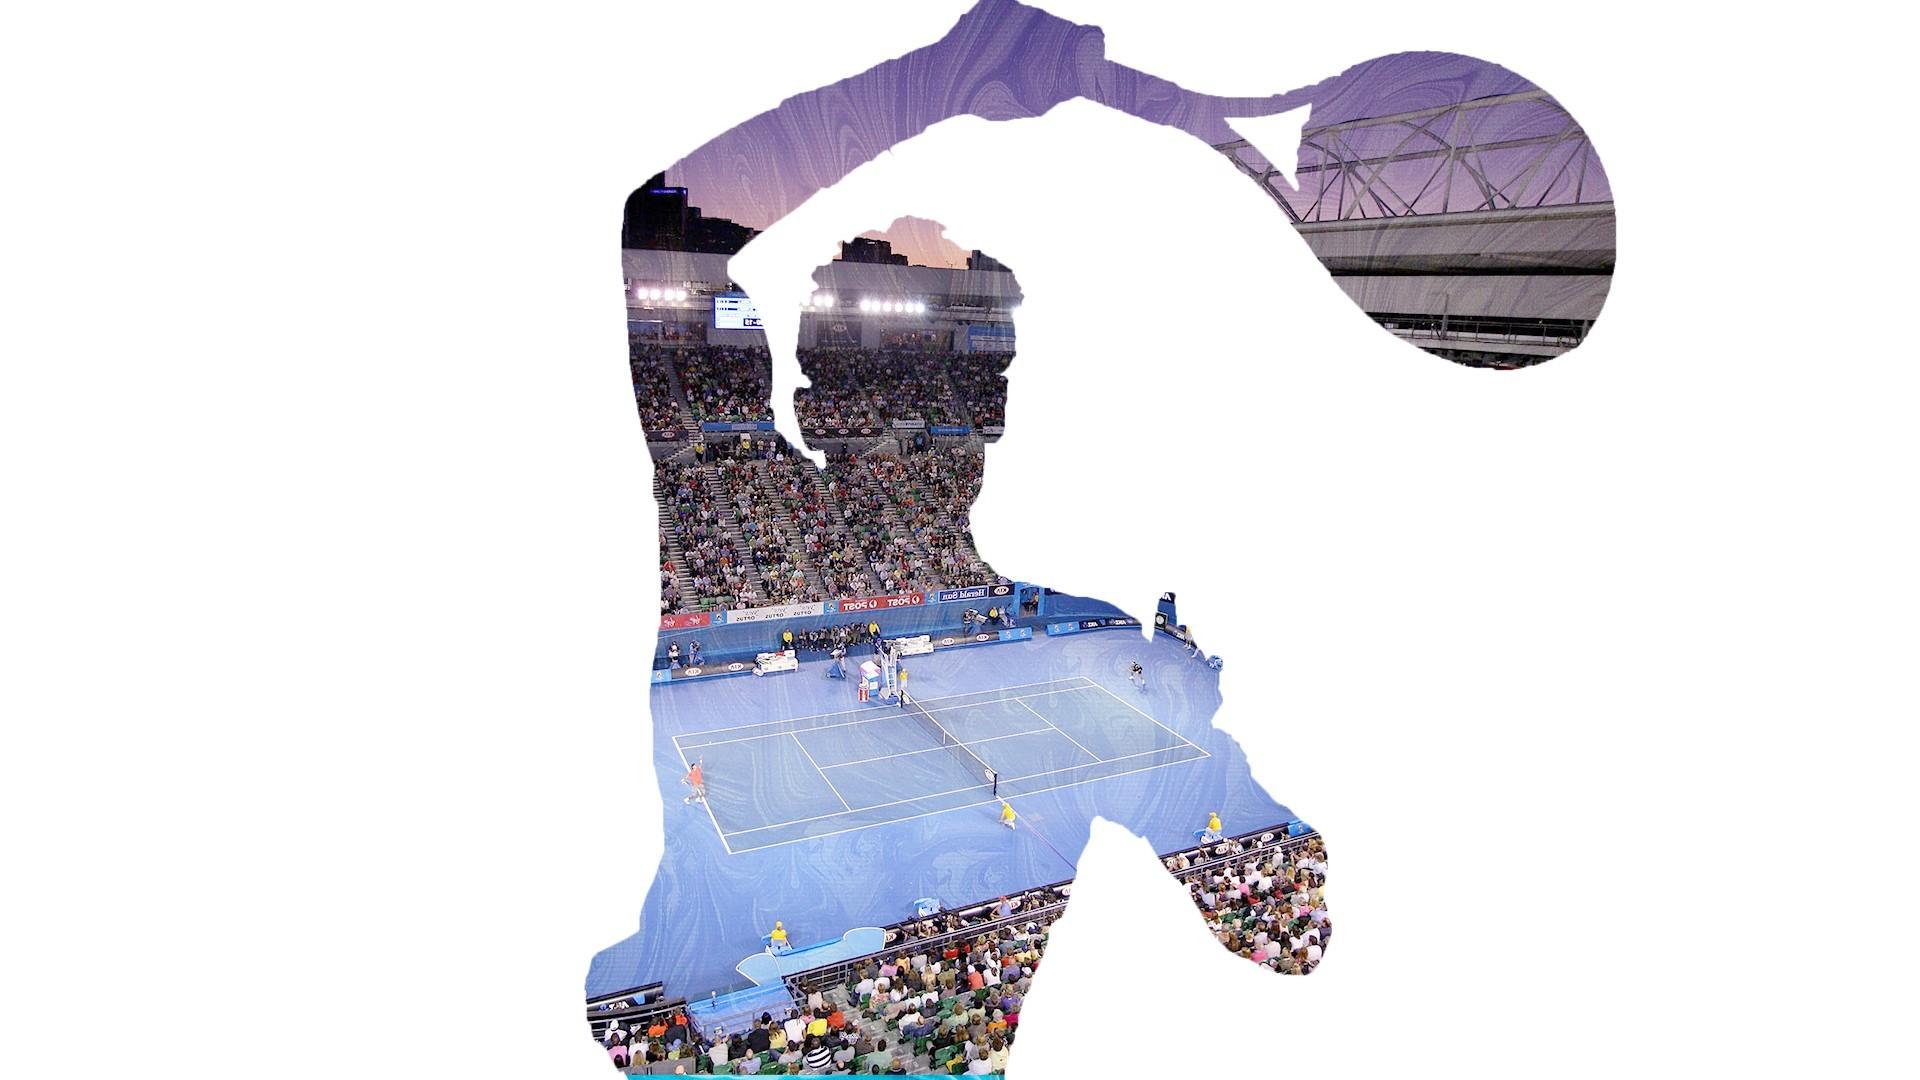 デスクトップ壁紙 バイオレット テニスコート オーストラリアンオープン 機械 ラファエルナダル 19x1080 Px 製品 19x1080 Goodfon デスクトップ壁紙 Wallhere